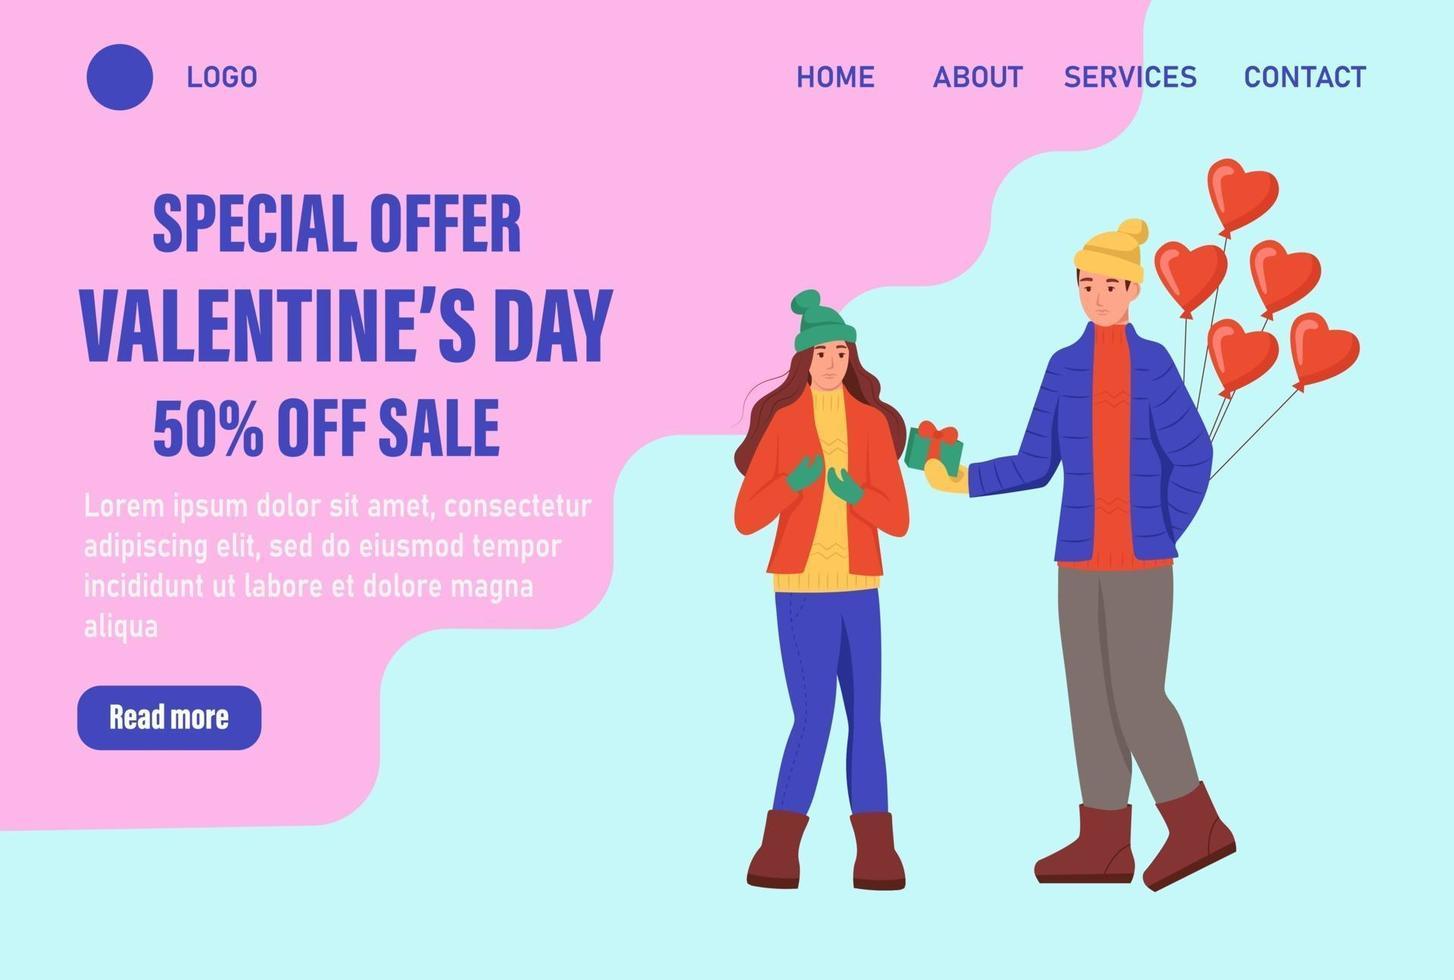 specialerbjudande alla hjärtans dag målsida vektor mall. älskande par i vinterkläder med ballonger utbyter gåvor. fira traditionell webbevenemang för vinterevenemang. platt vektorillustration